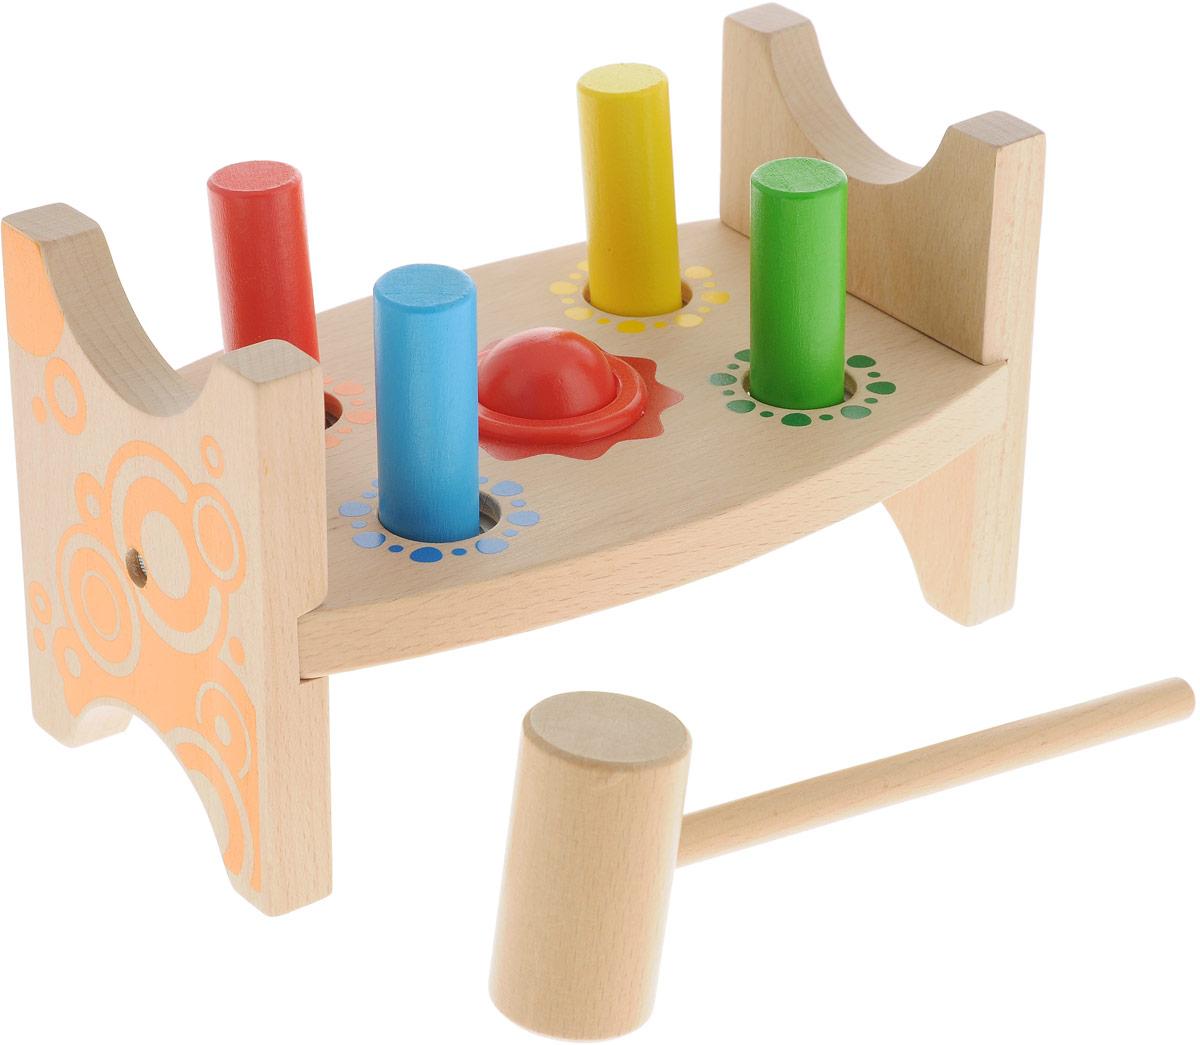 Мир деревянных игрушек Развивающая игрушка Стучалка Шарик  гвоздики